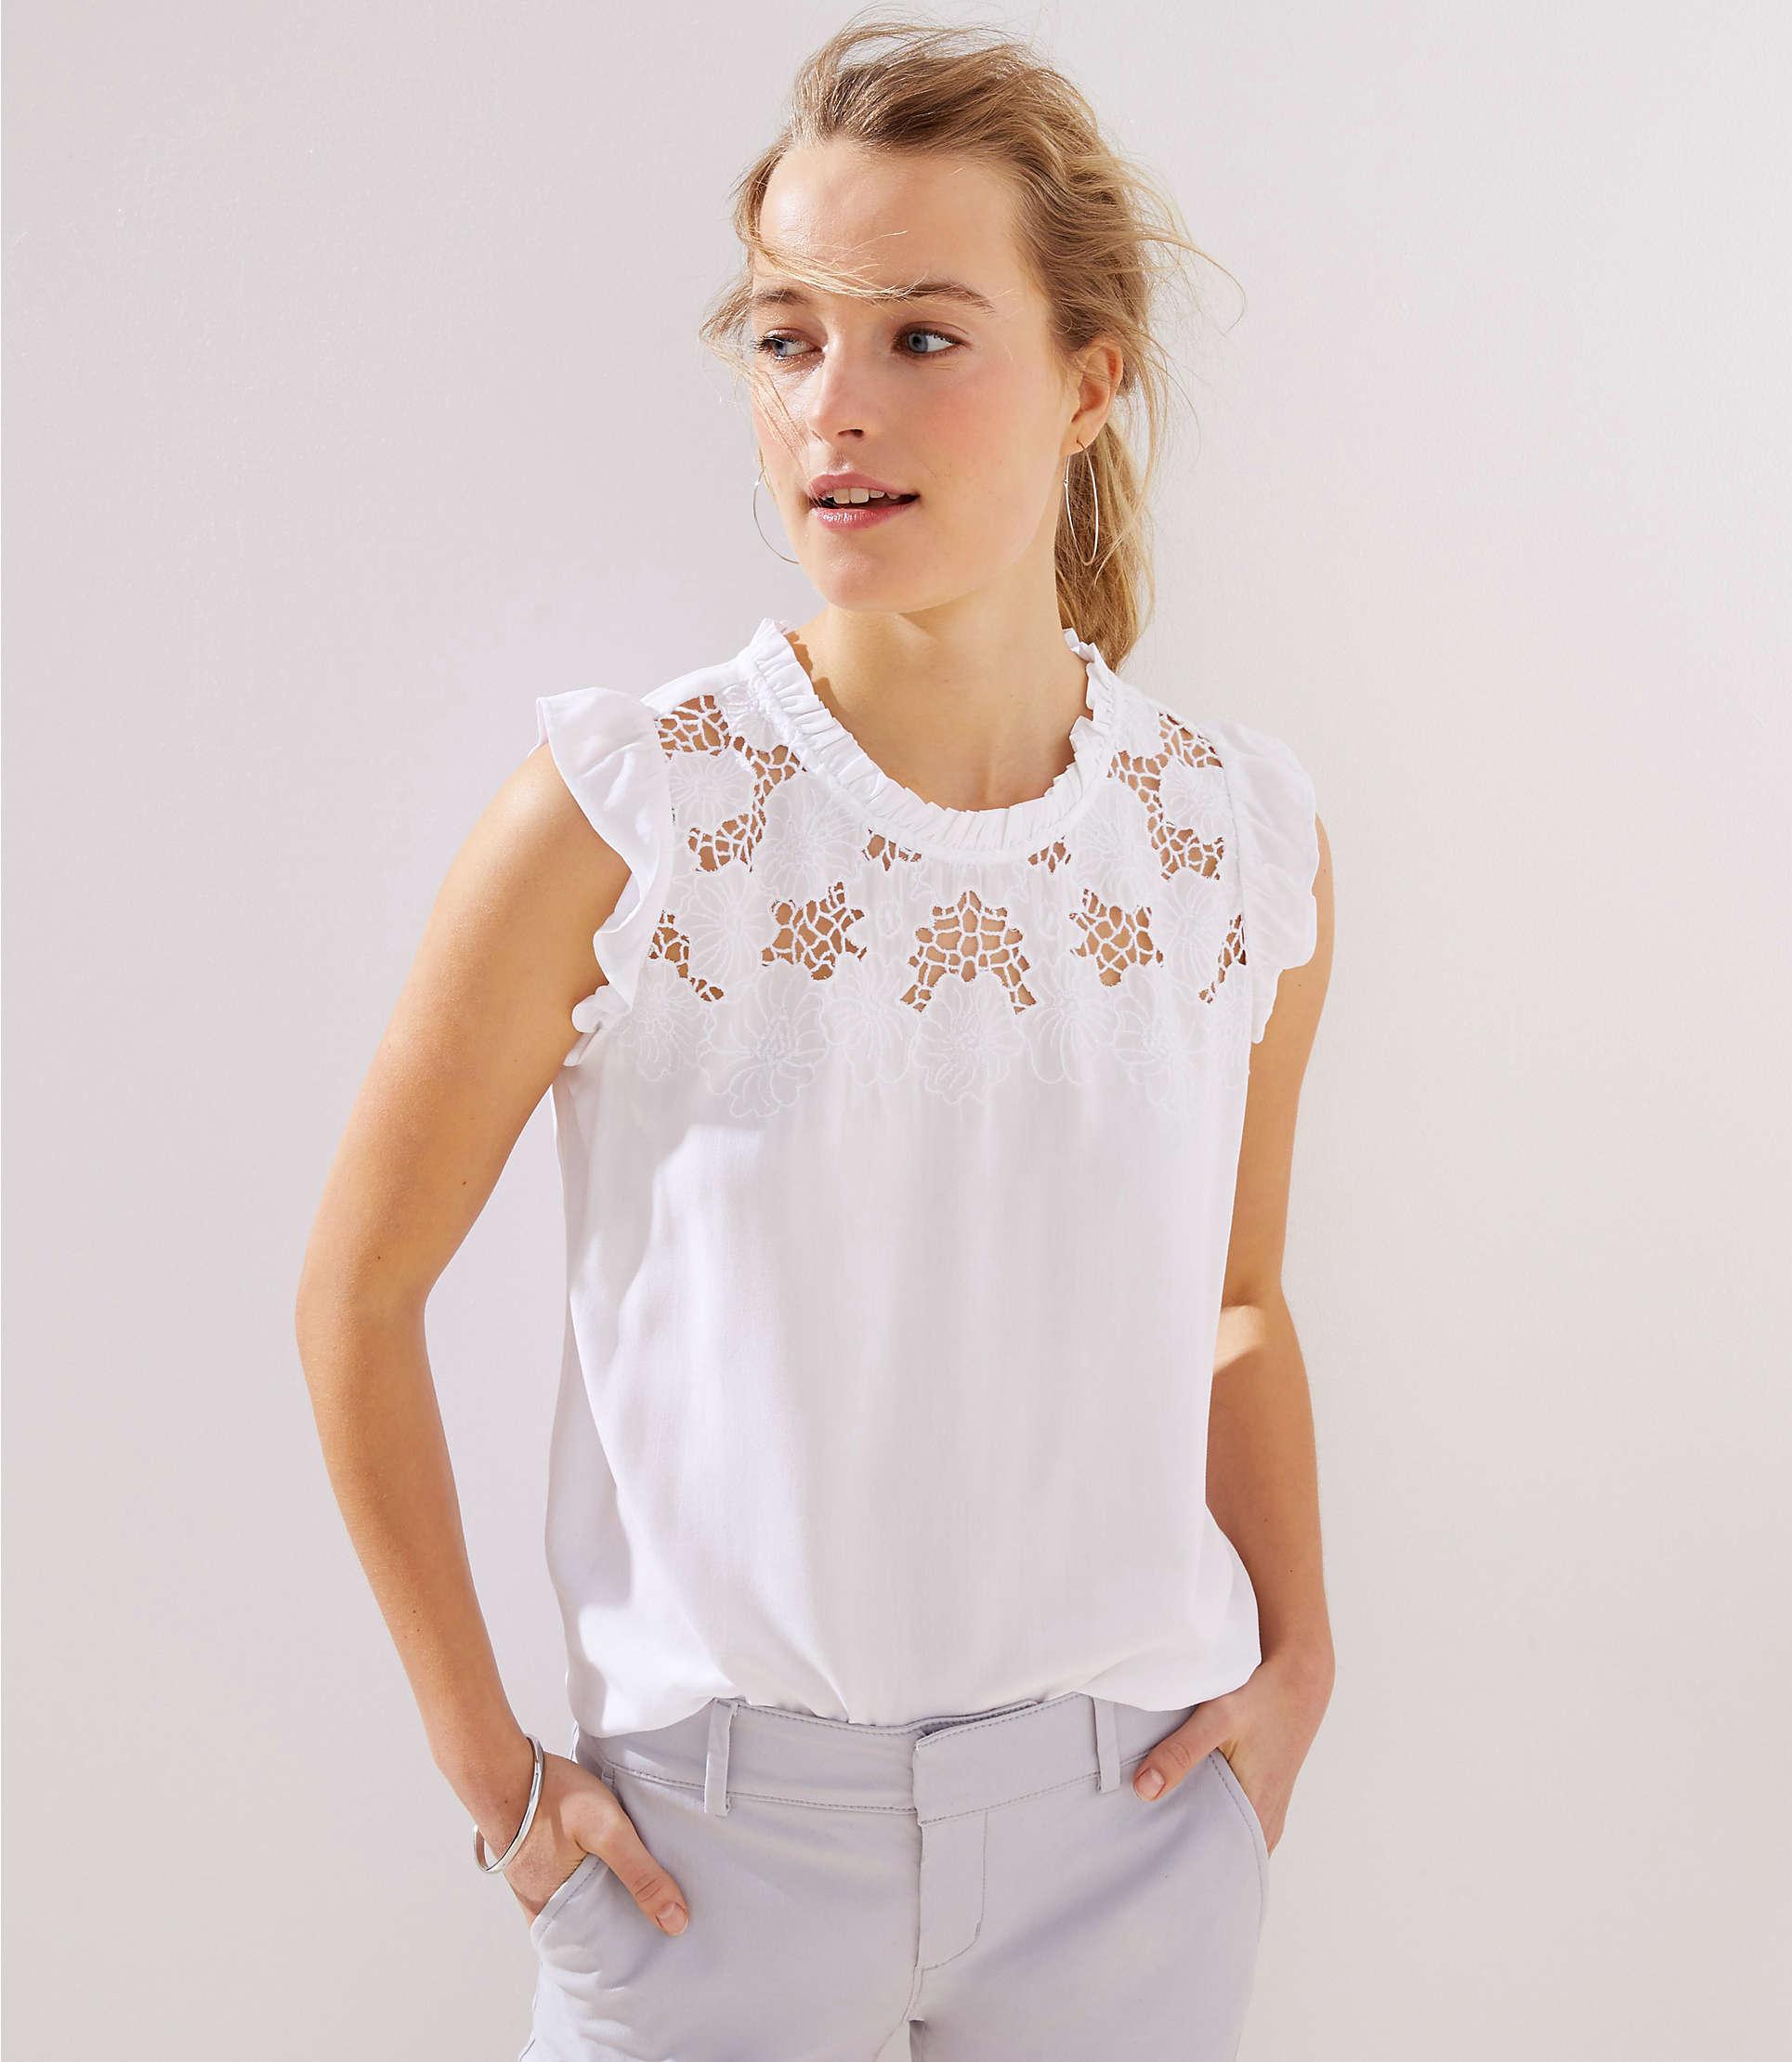 ee8c8e3eeee89 Lyst - LOFT Petite Floral Lace Yoke Ruffle Shell in White